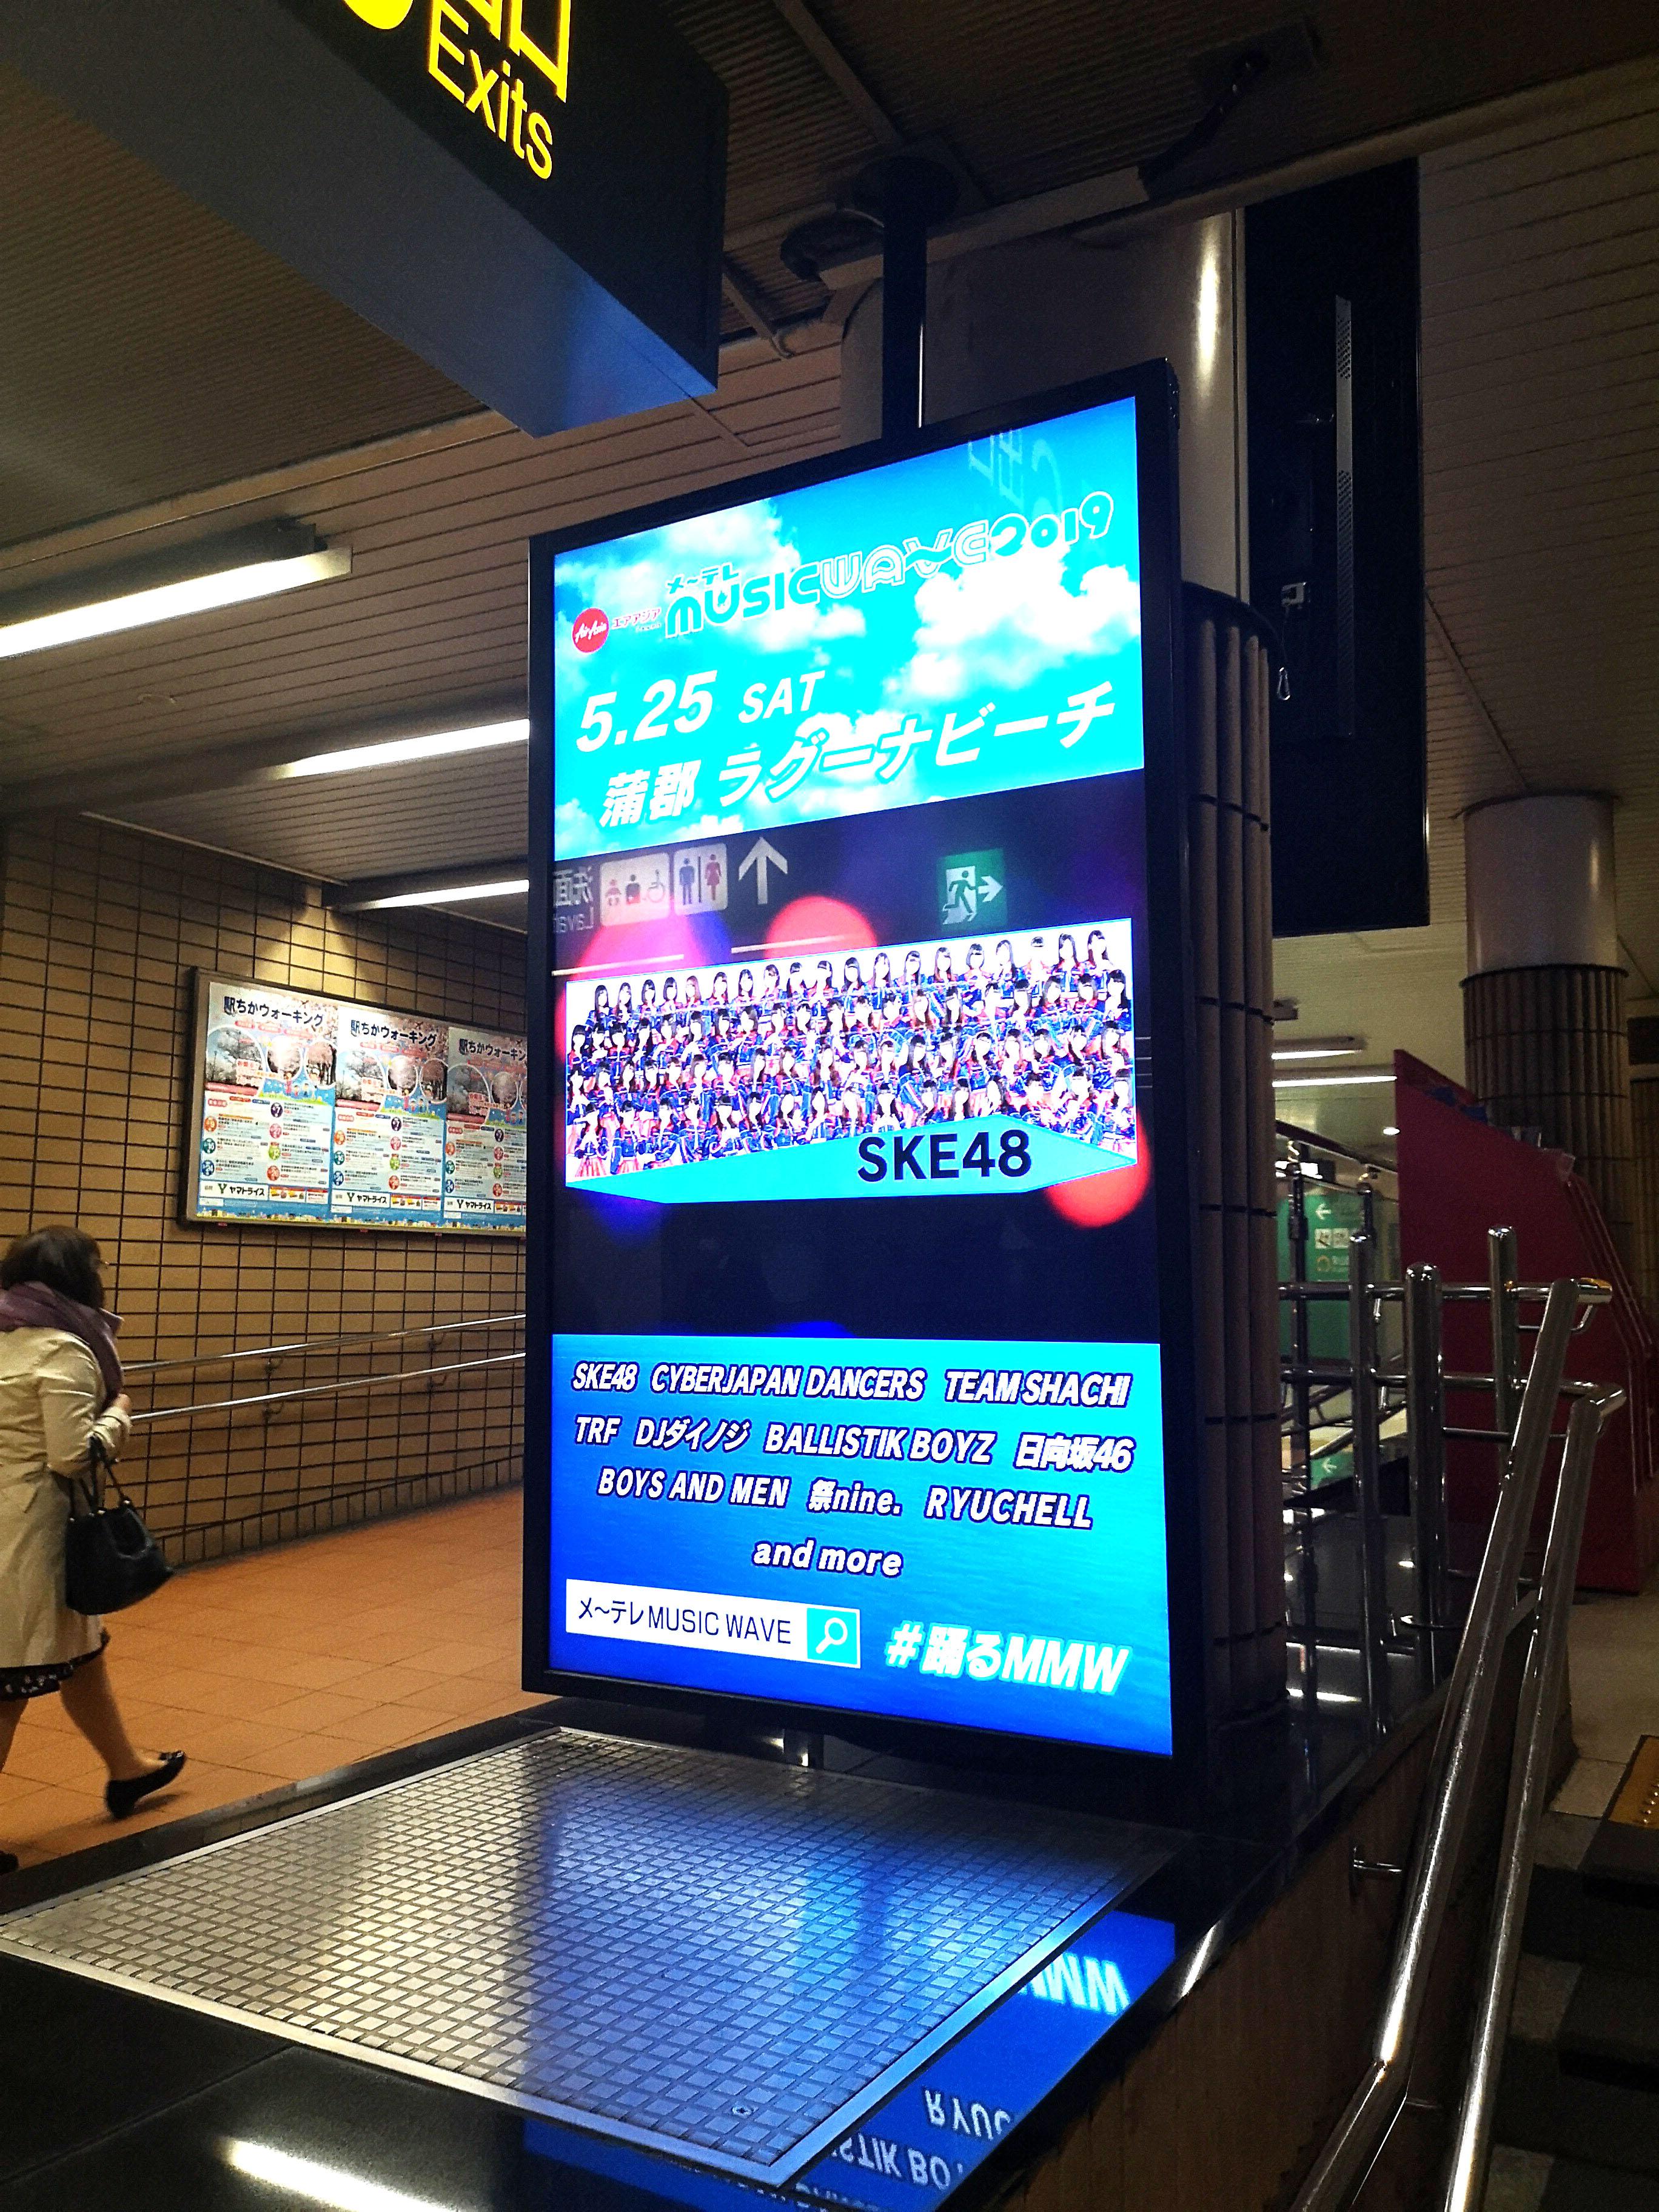 名古屋テレビ放送 交通広告